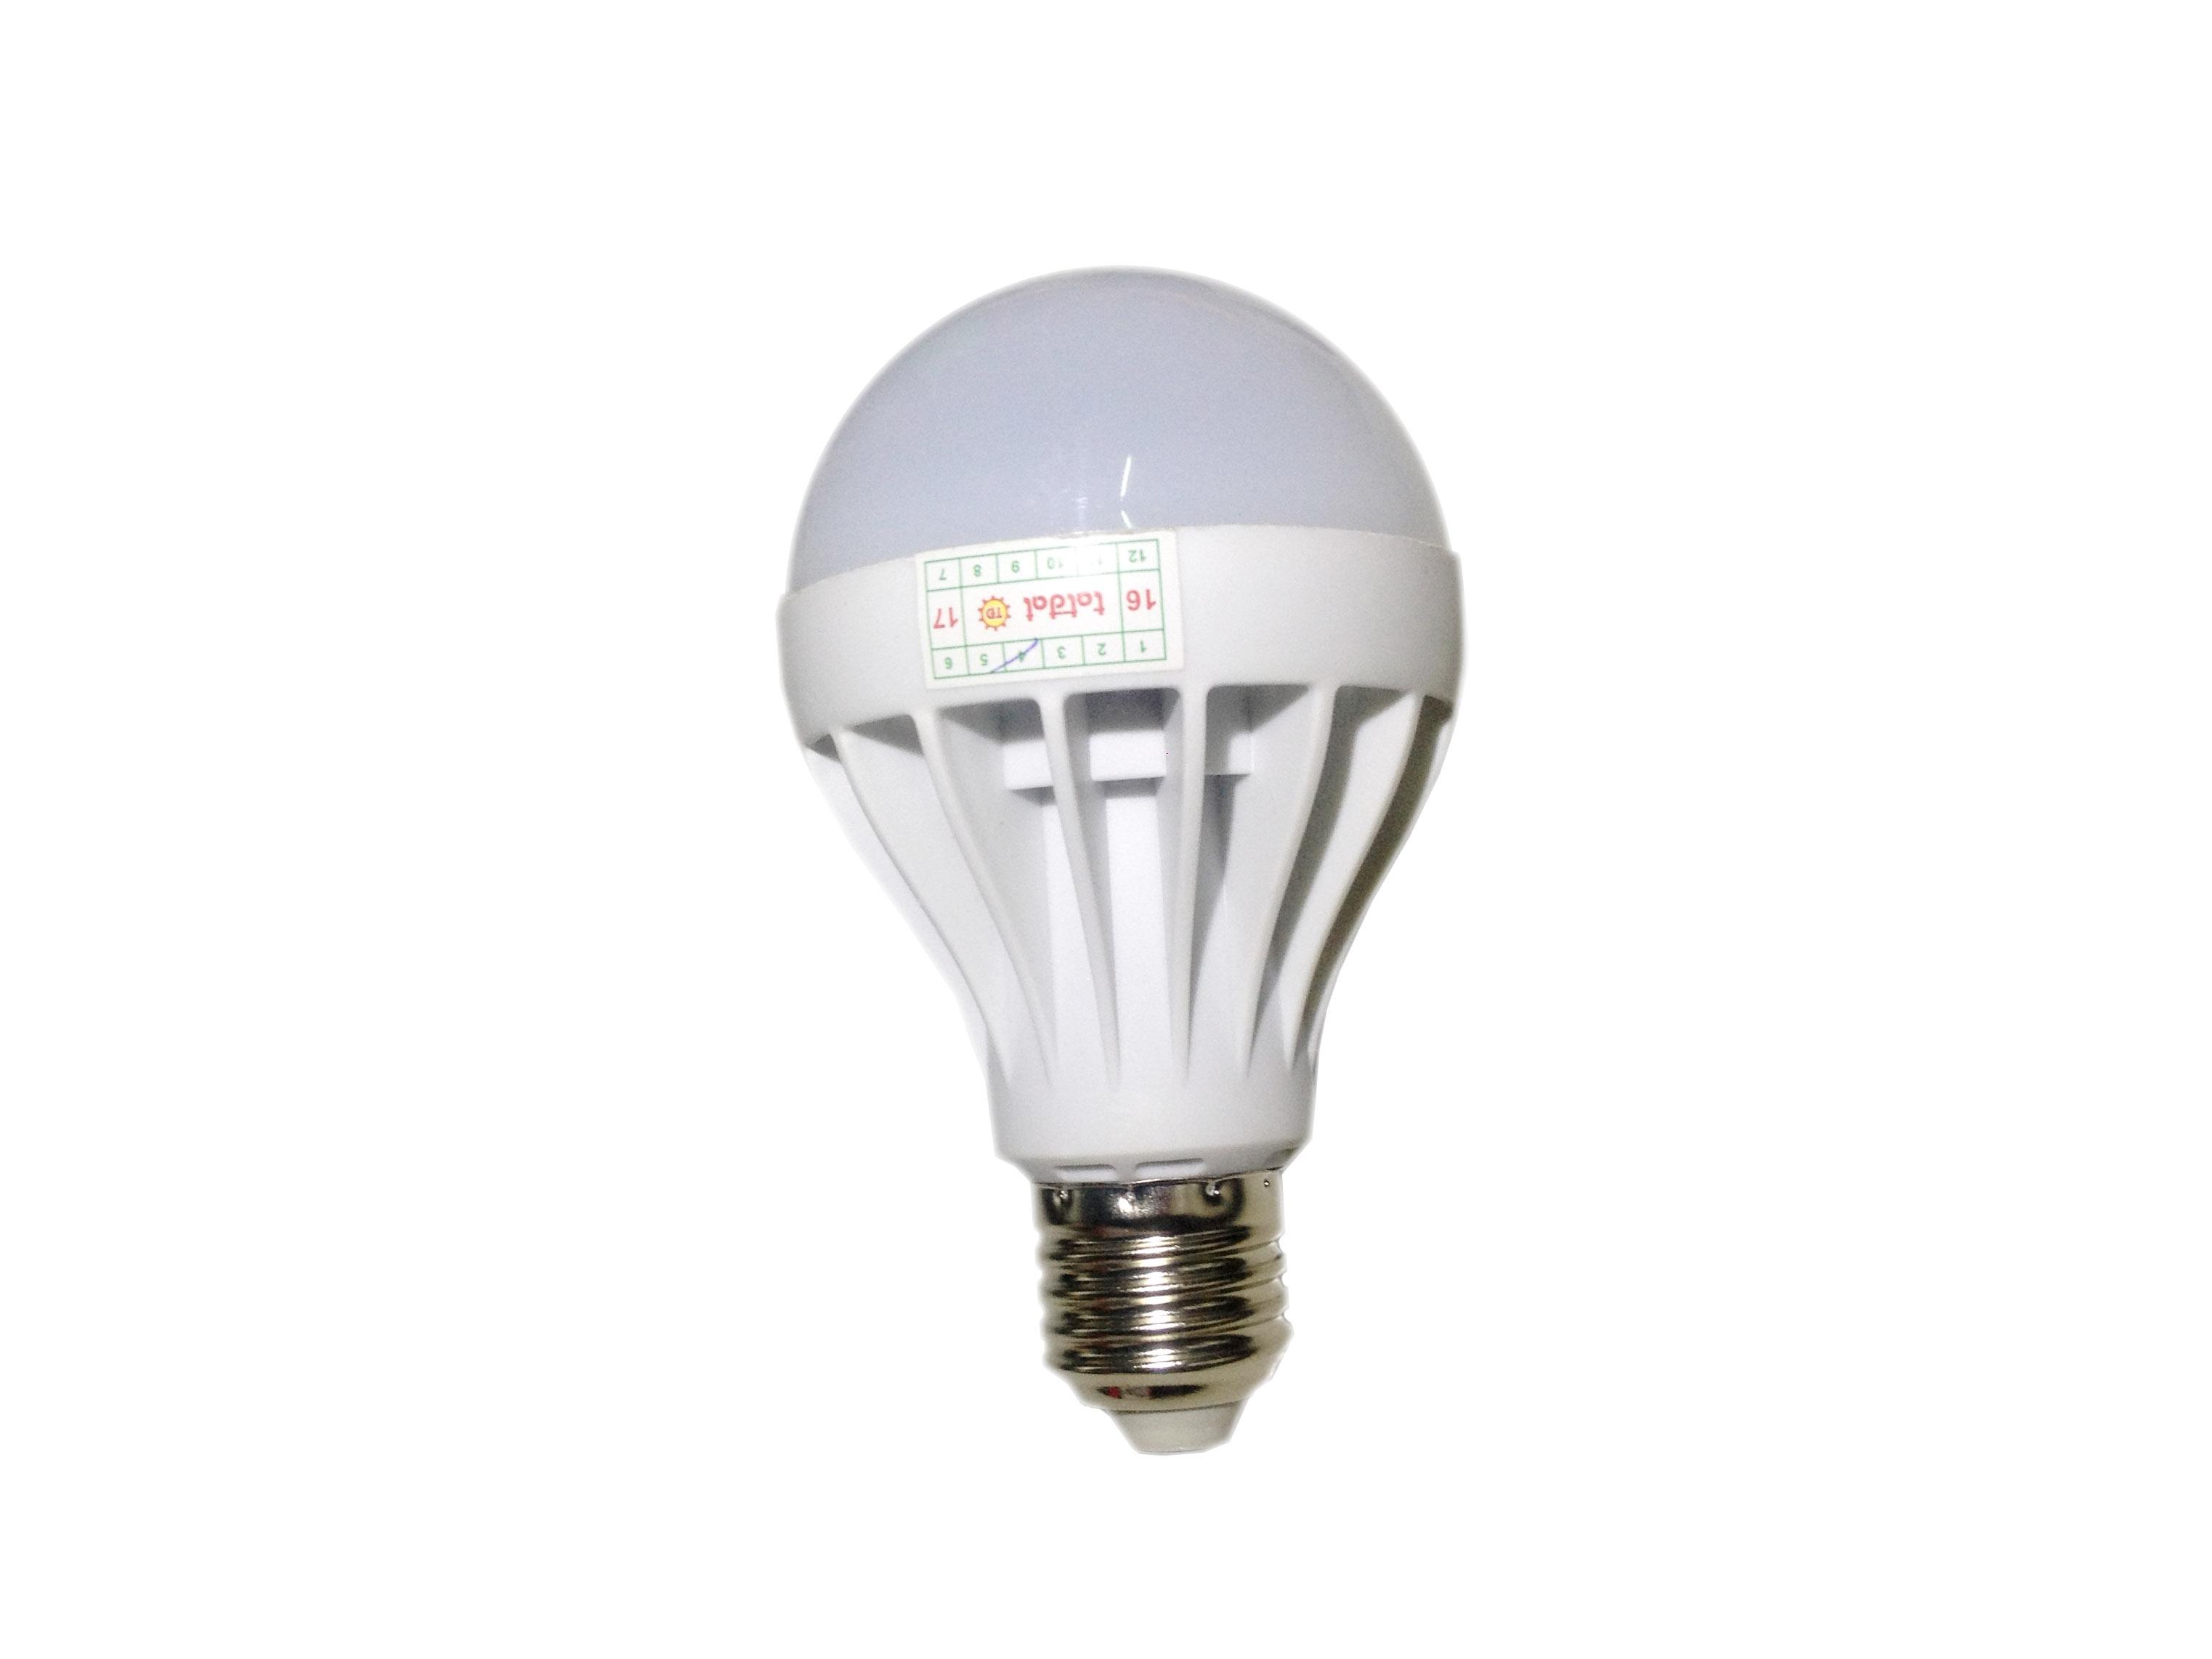 Đèn Led 7W-220V (siêu tích kiệm điện)